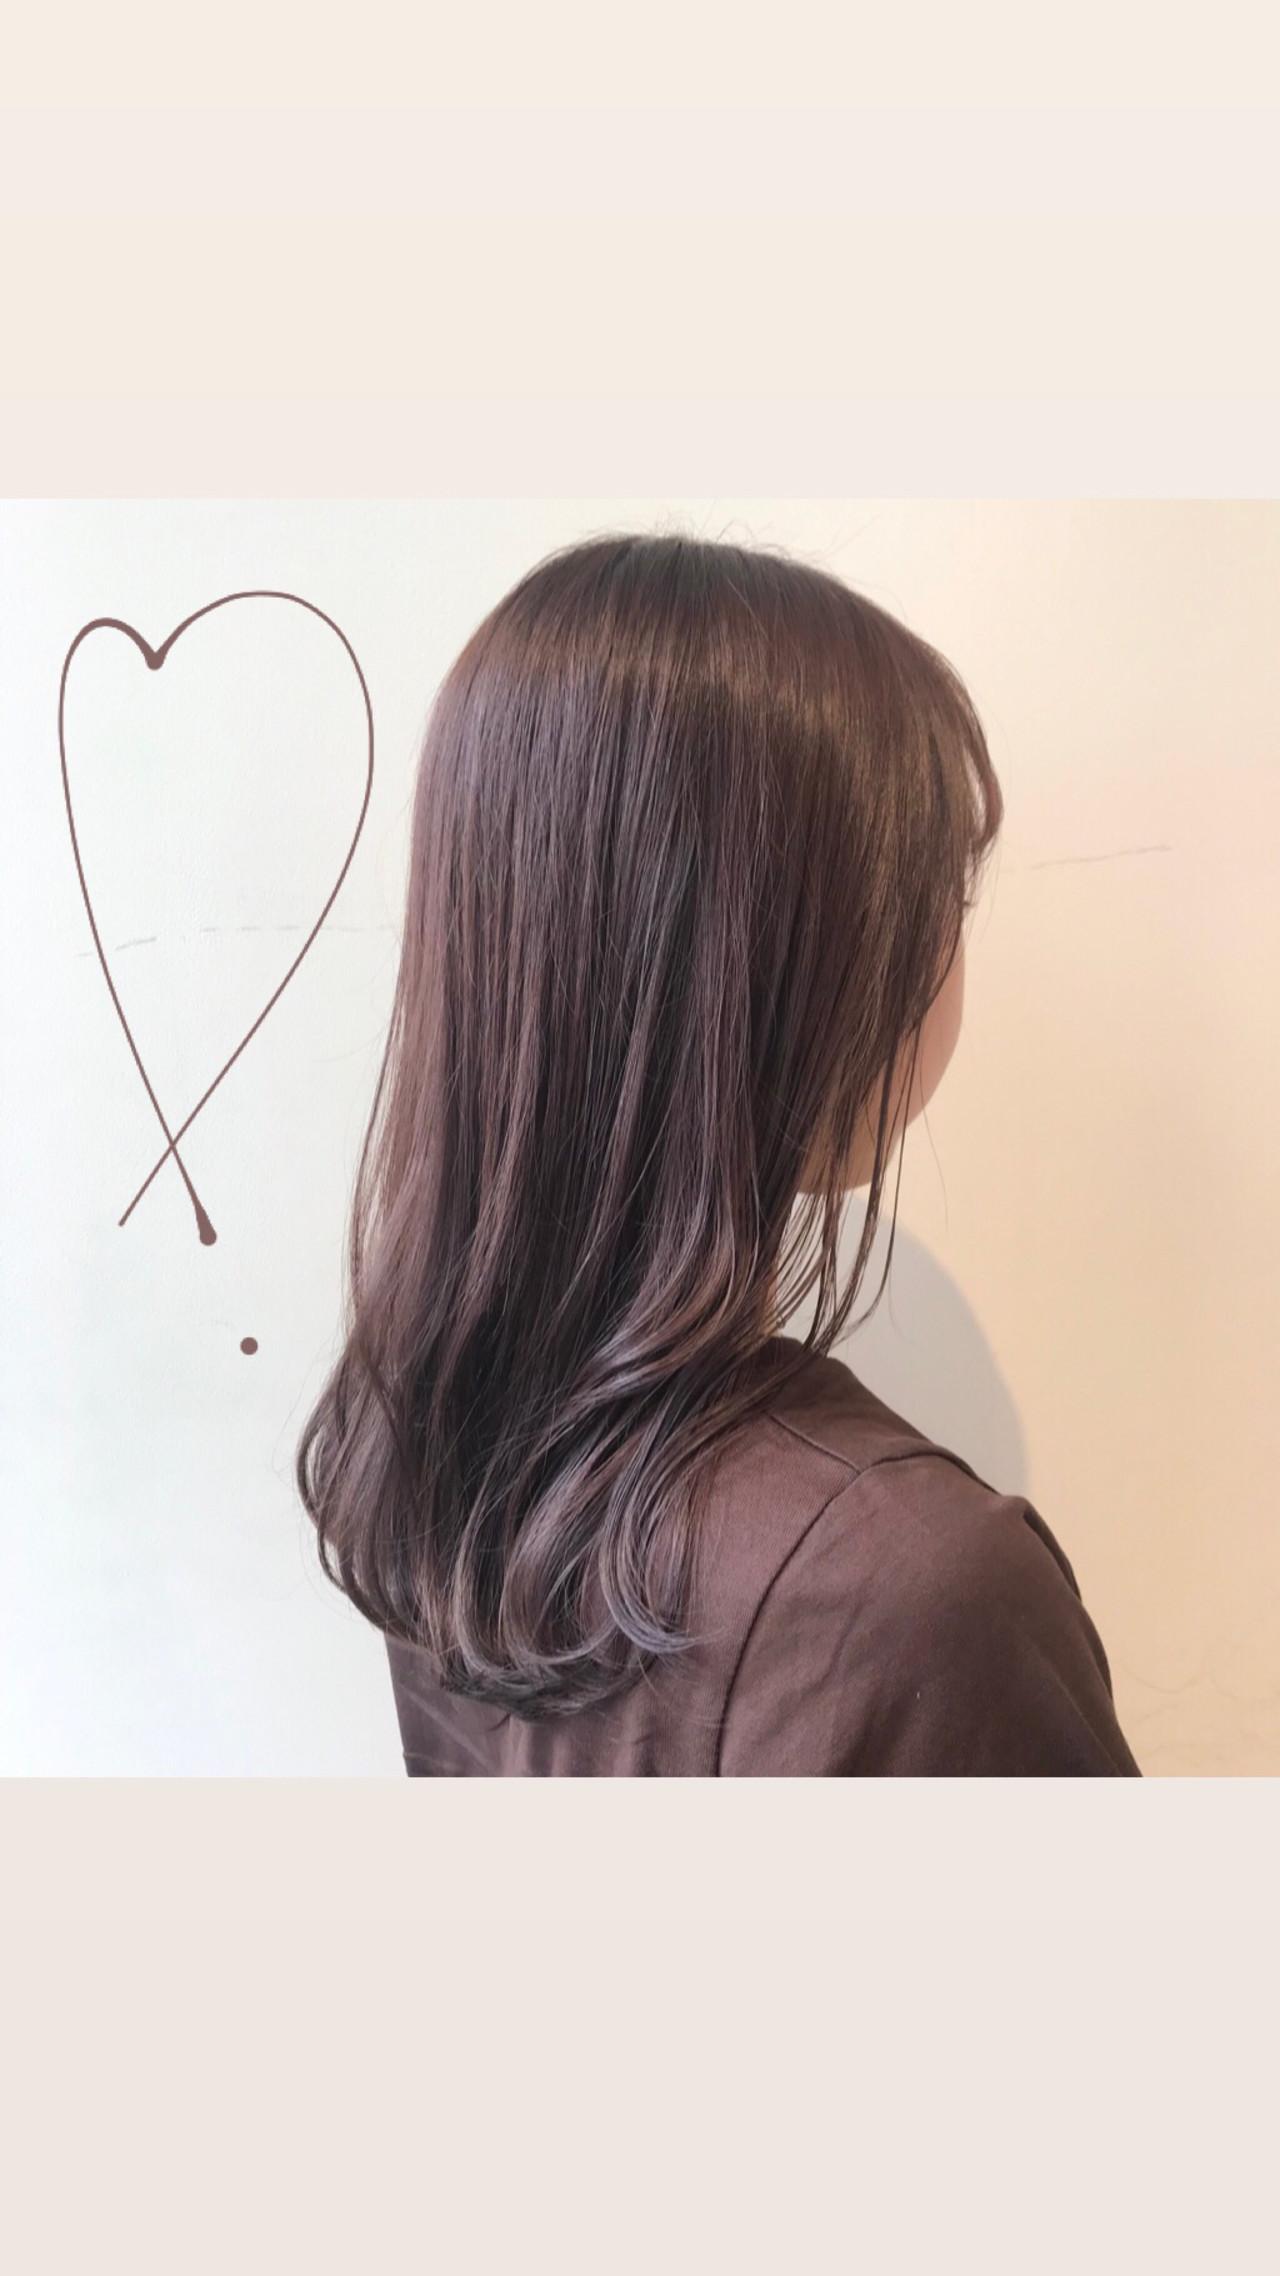 透明感カラー ピンクブラウン ラベージュ ピンクアッシュ ヘアスタイルや髪型の写真・画像